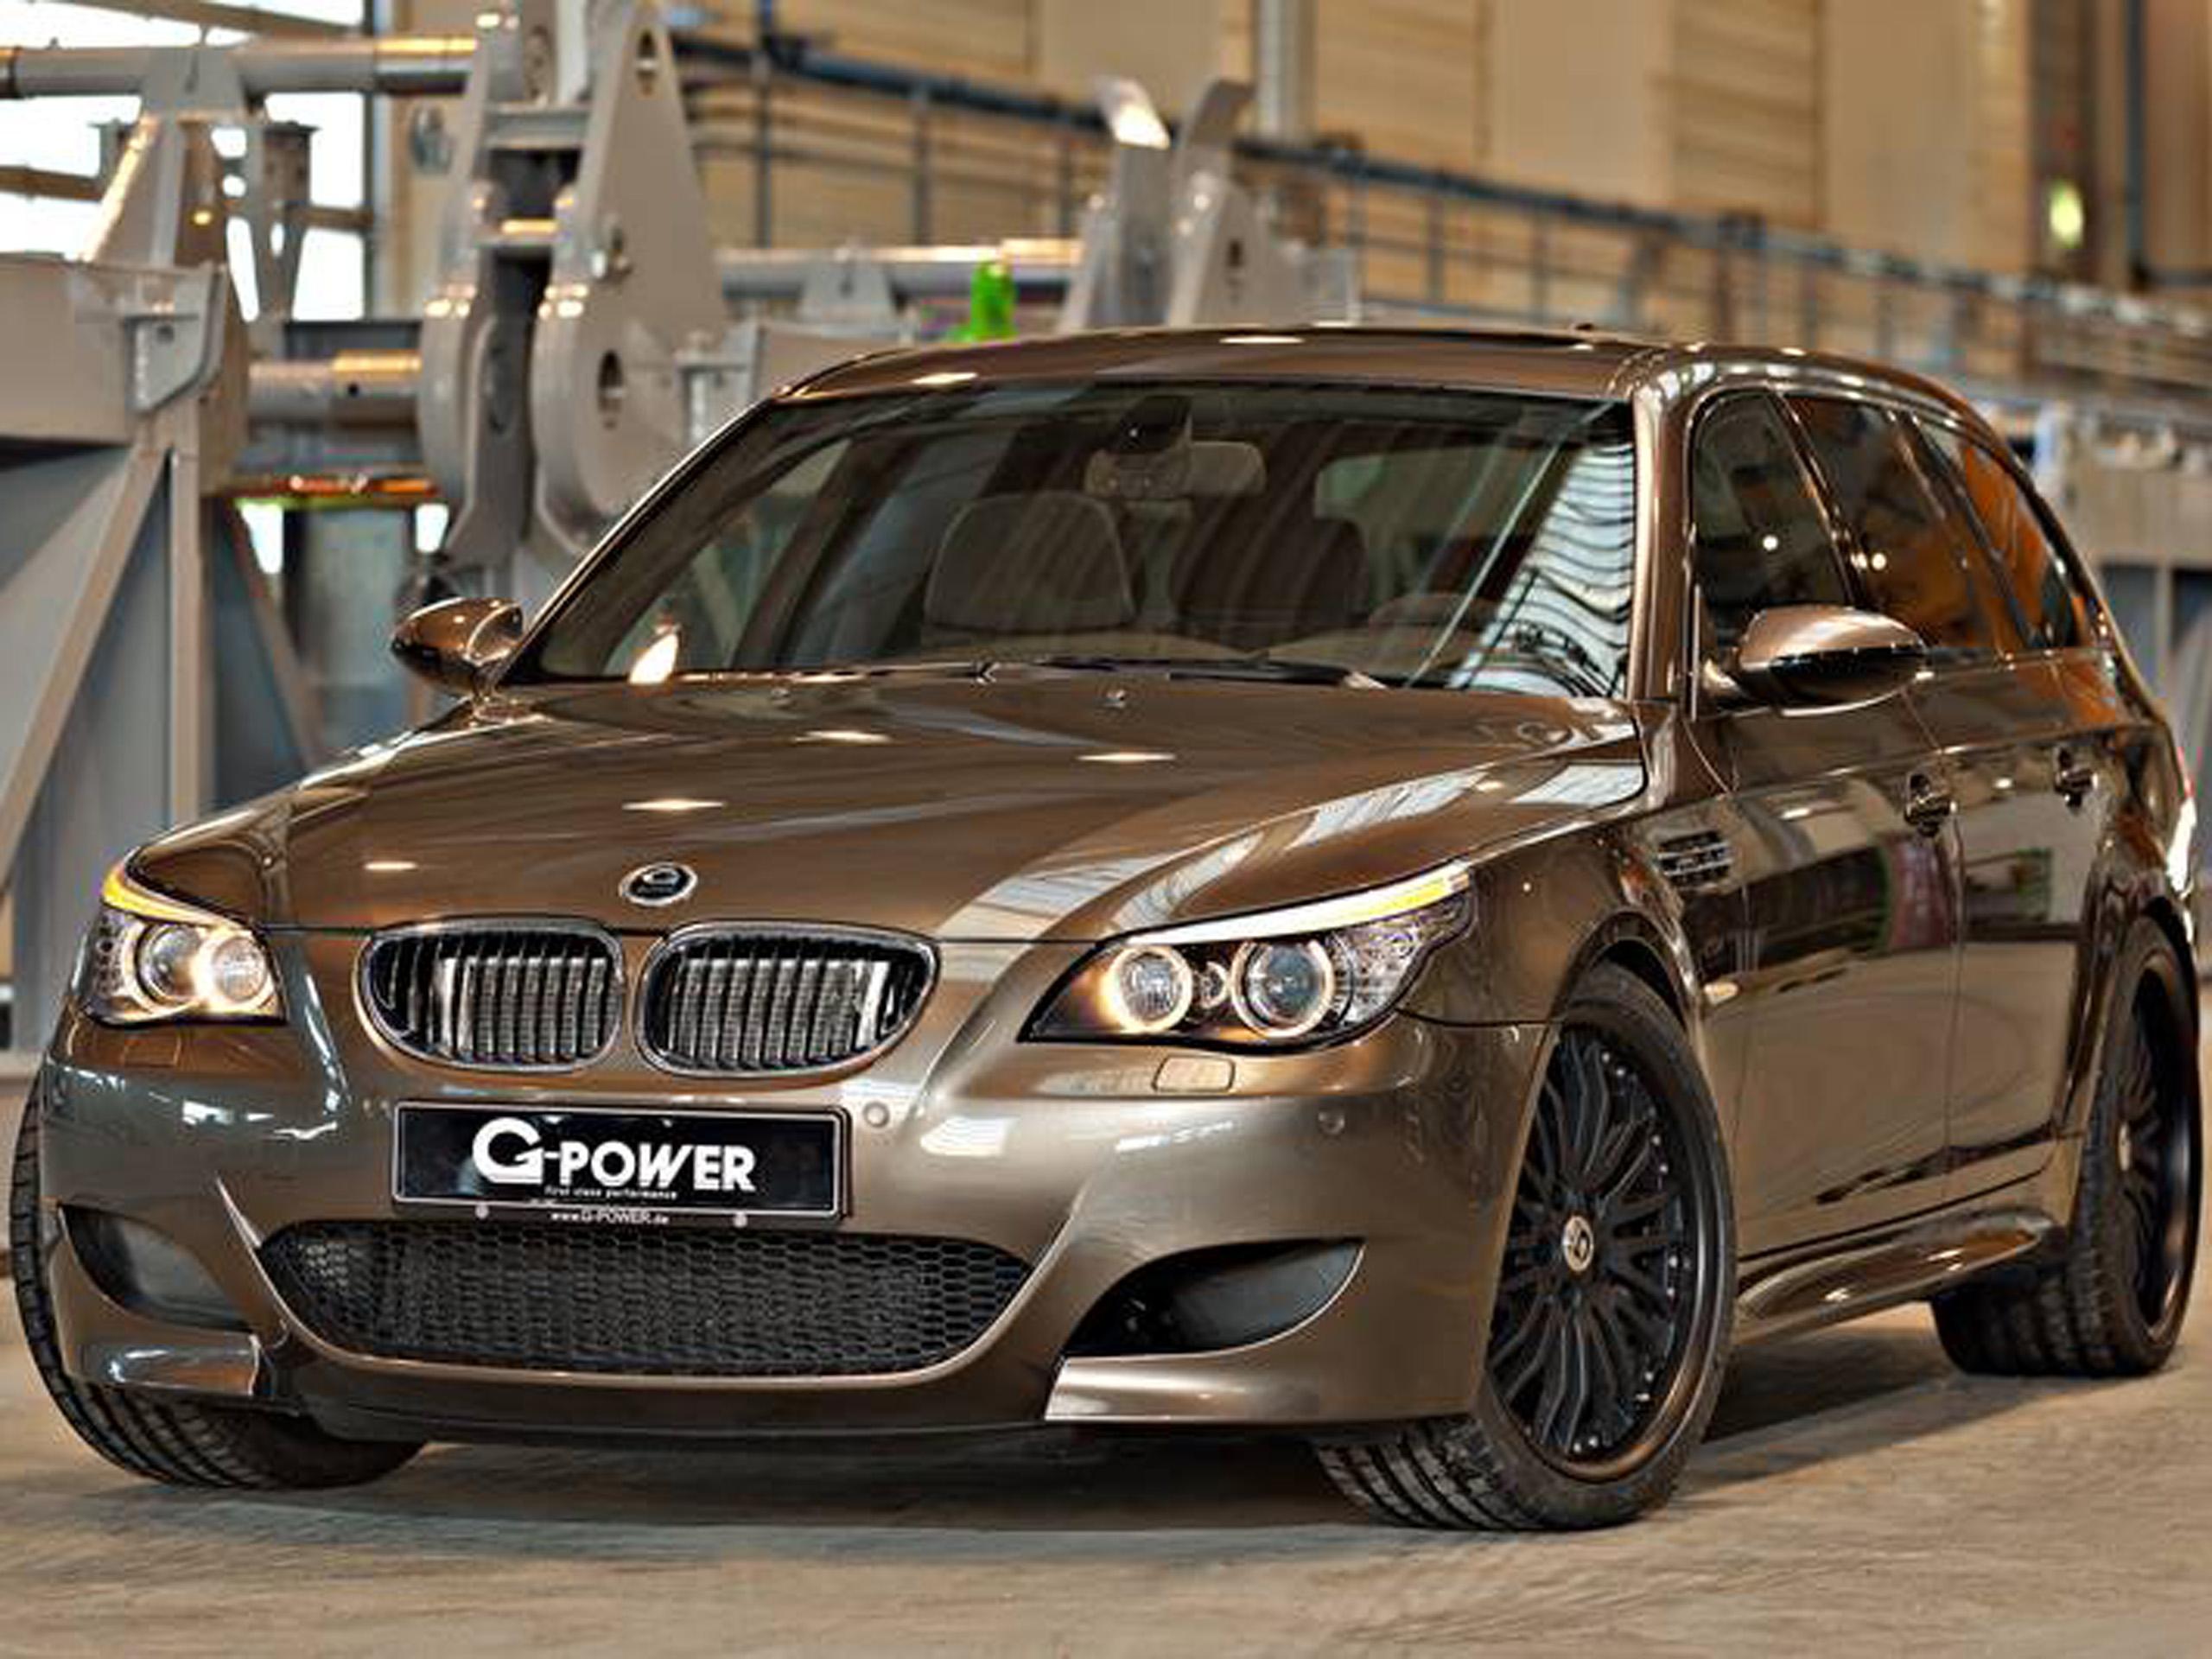 Bmw M5 Hurricane Rr Tuning Von G Power Autozeitung De